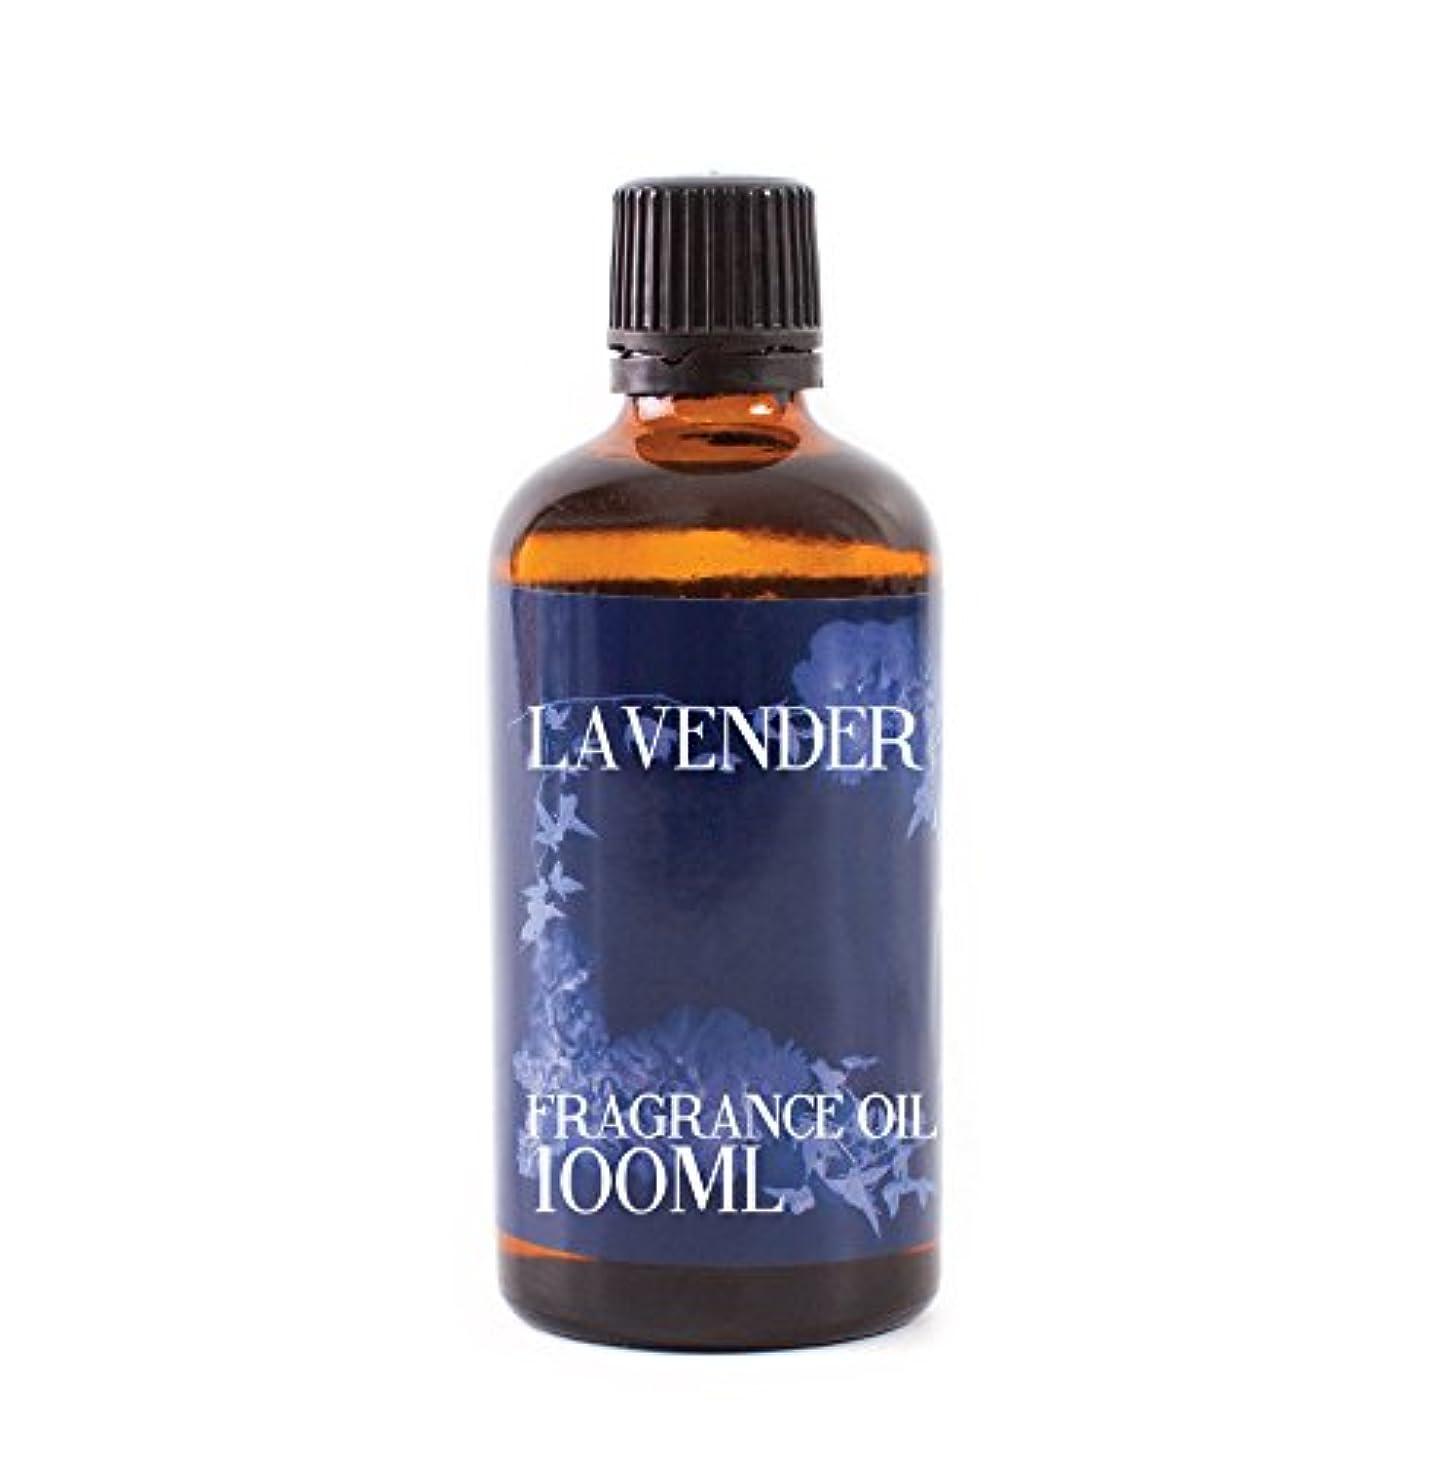 息苦しい不毛のバイオリニストMystic Moments | Lavender Fragrance Oil - 100ml